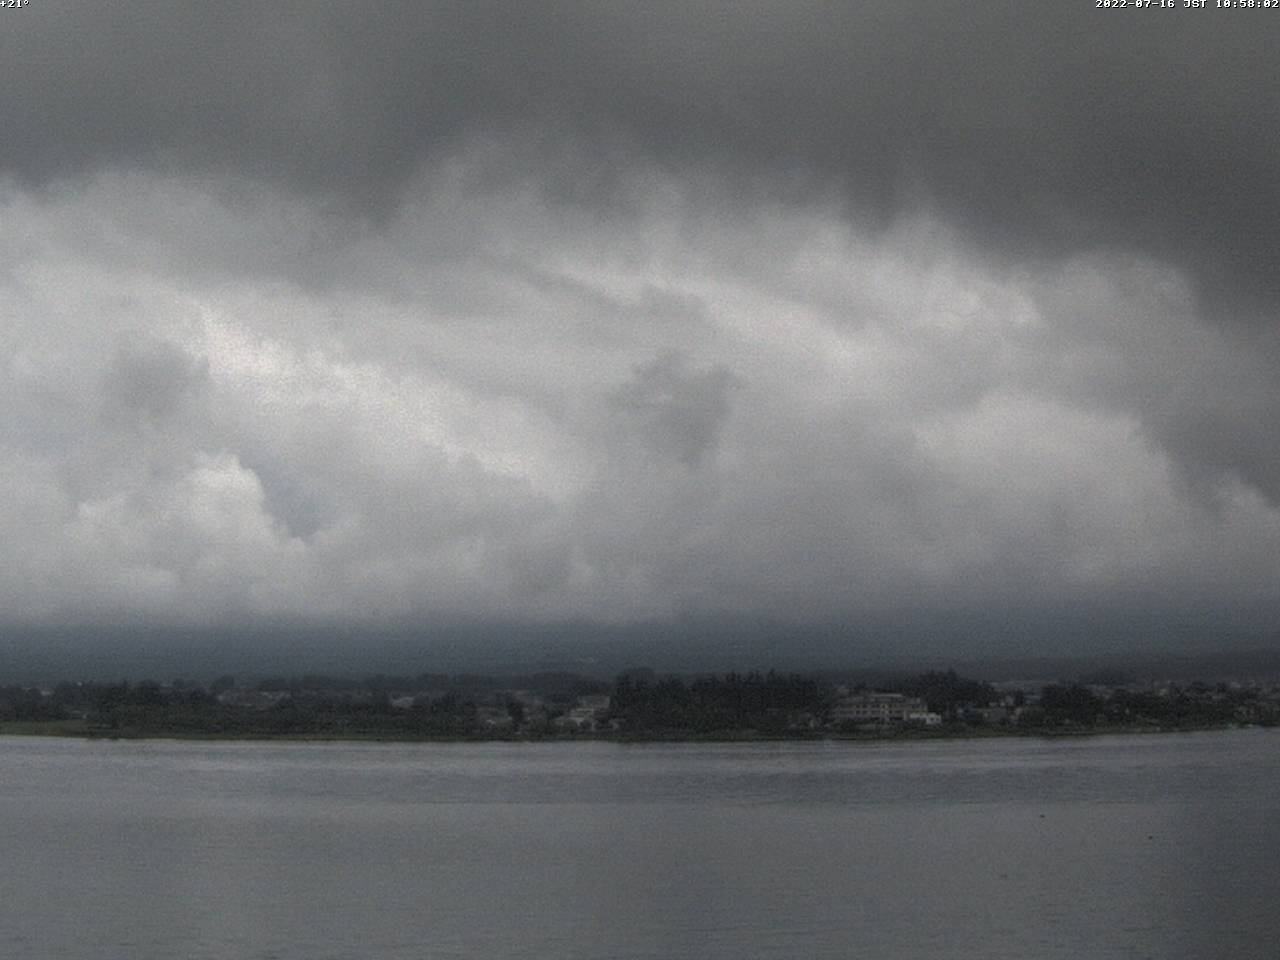 富士山ライブカメラ(河口湖北岸望遠カメラ)